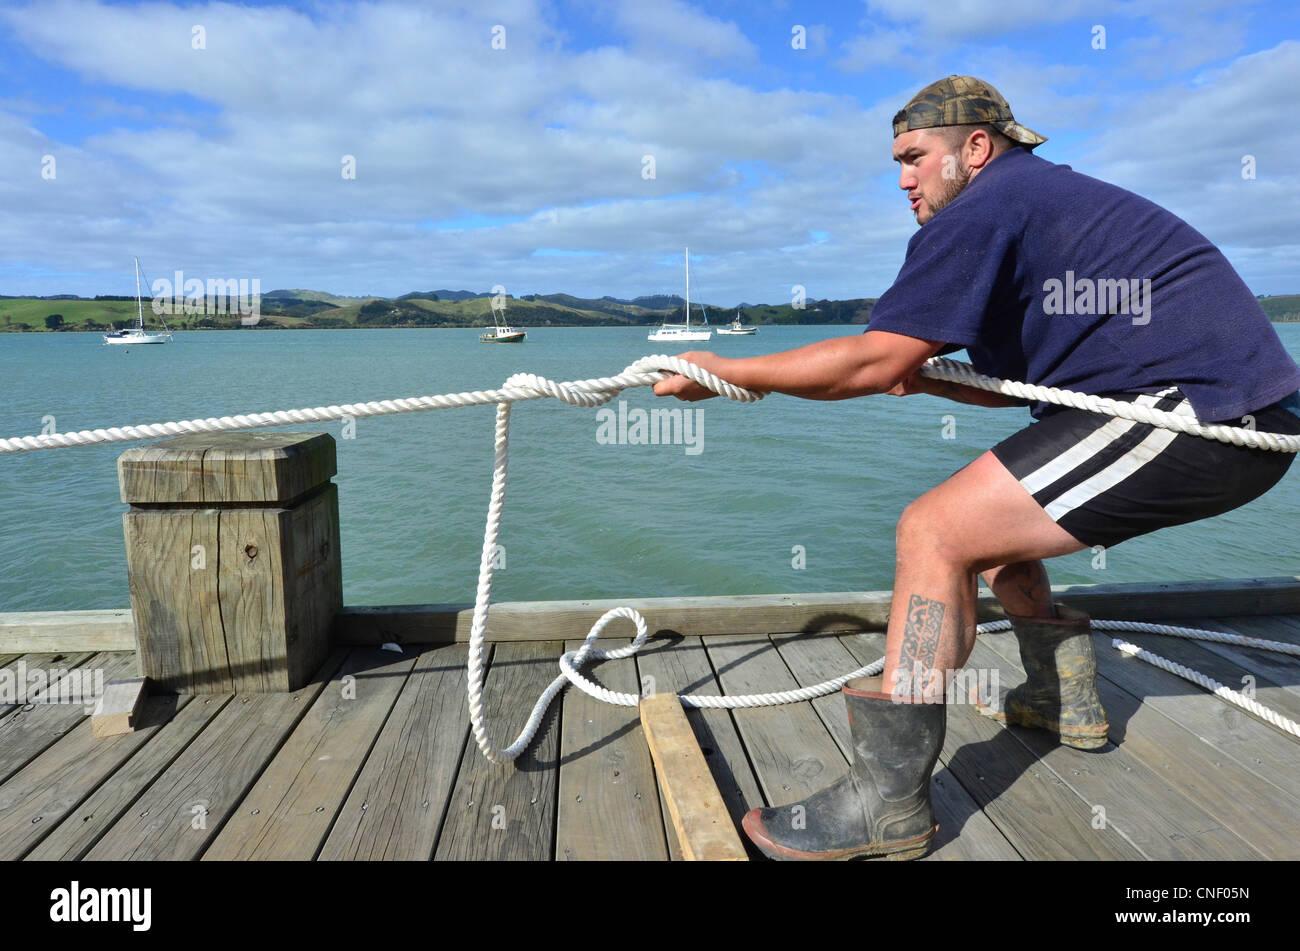 NORTHLAND , Nouvelle-zélande 14 AVRIL 2012: un grand homme est Mori tirant une corde lors d'une corde Photo Stock